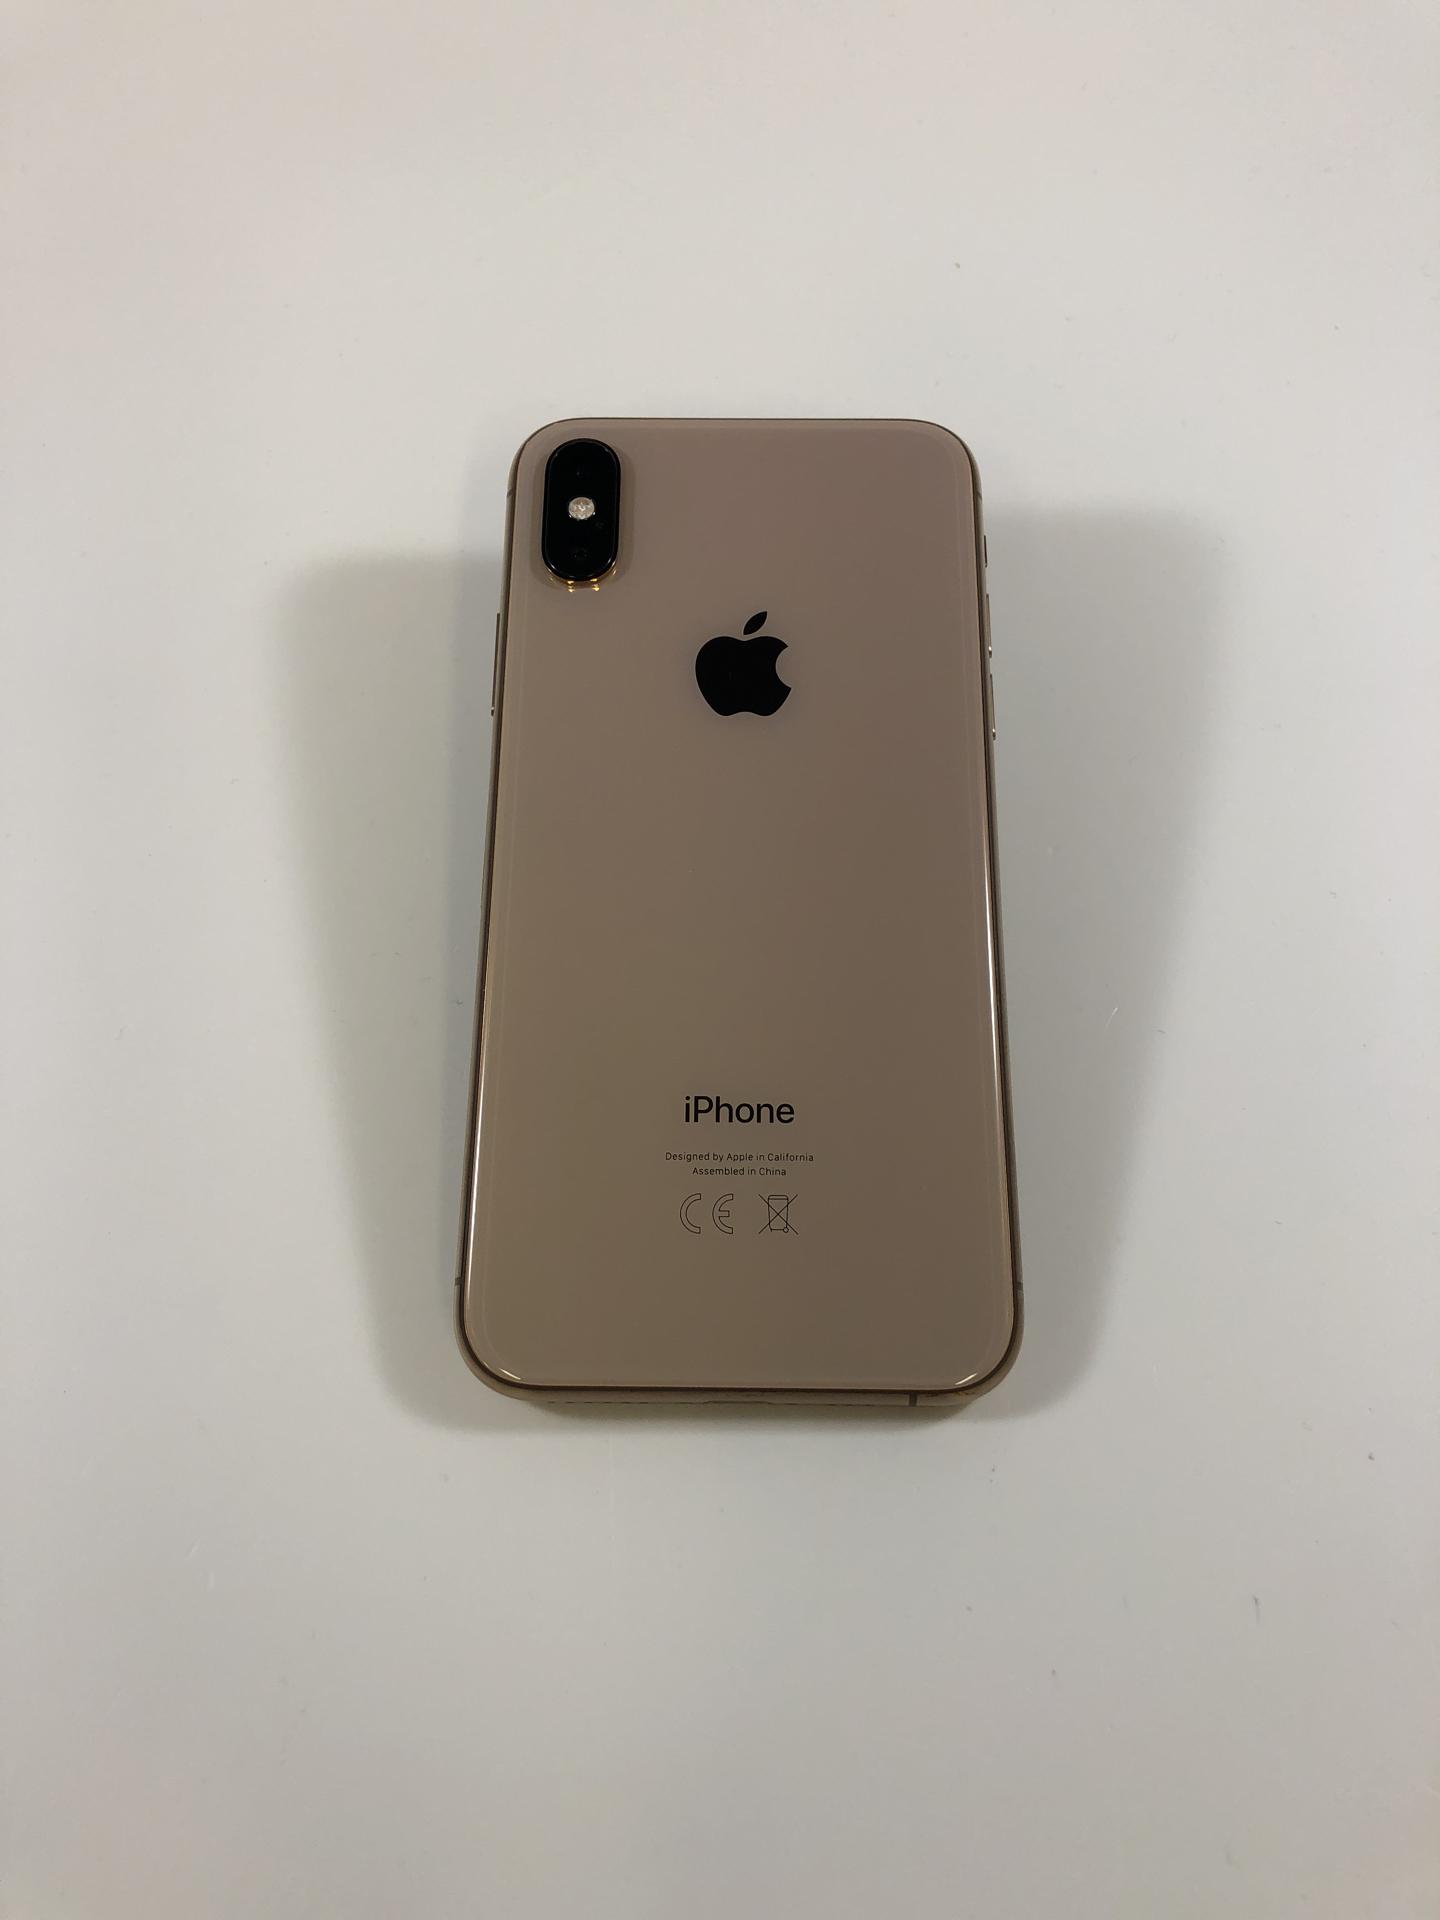 iPhone XS 256GB, 256GB, Gold, image 3